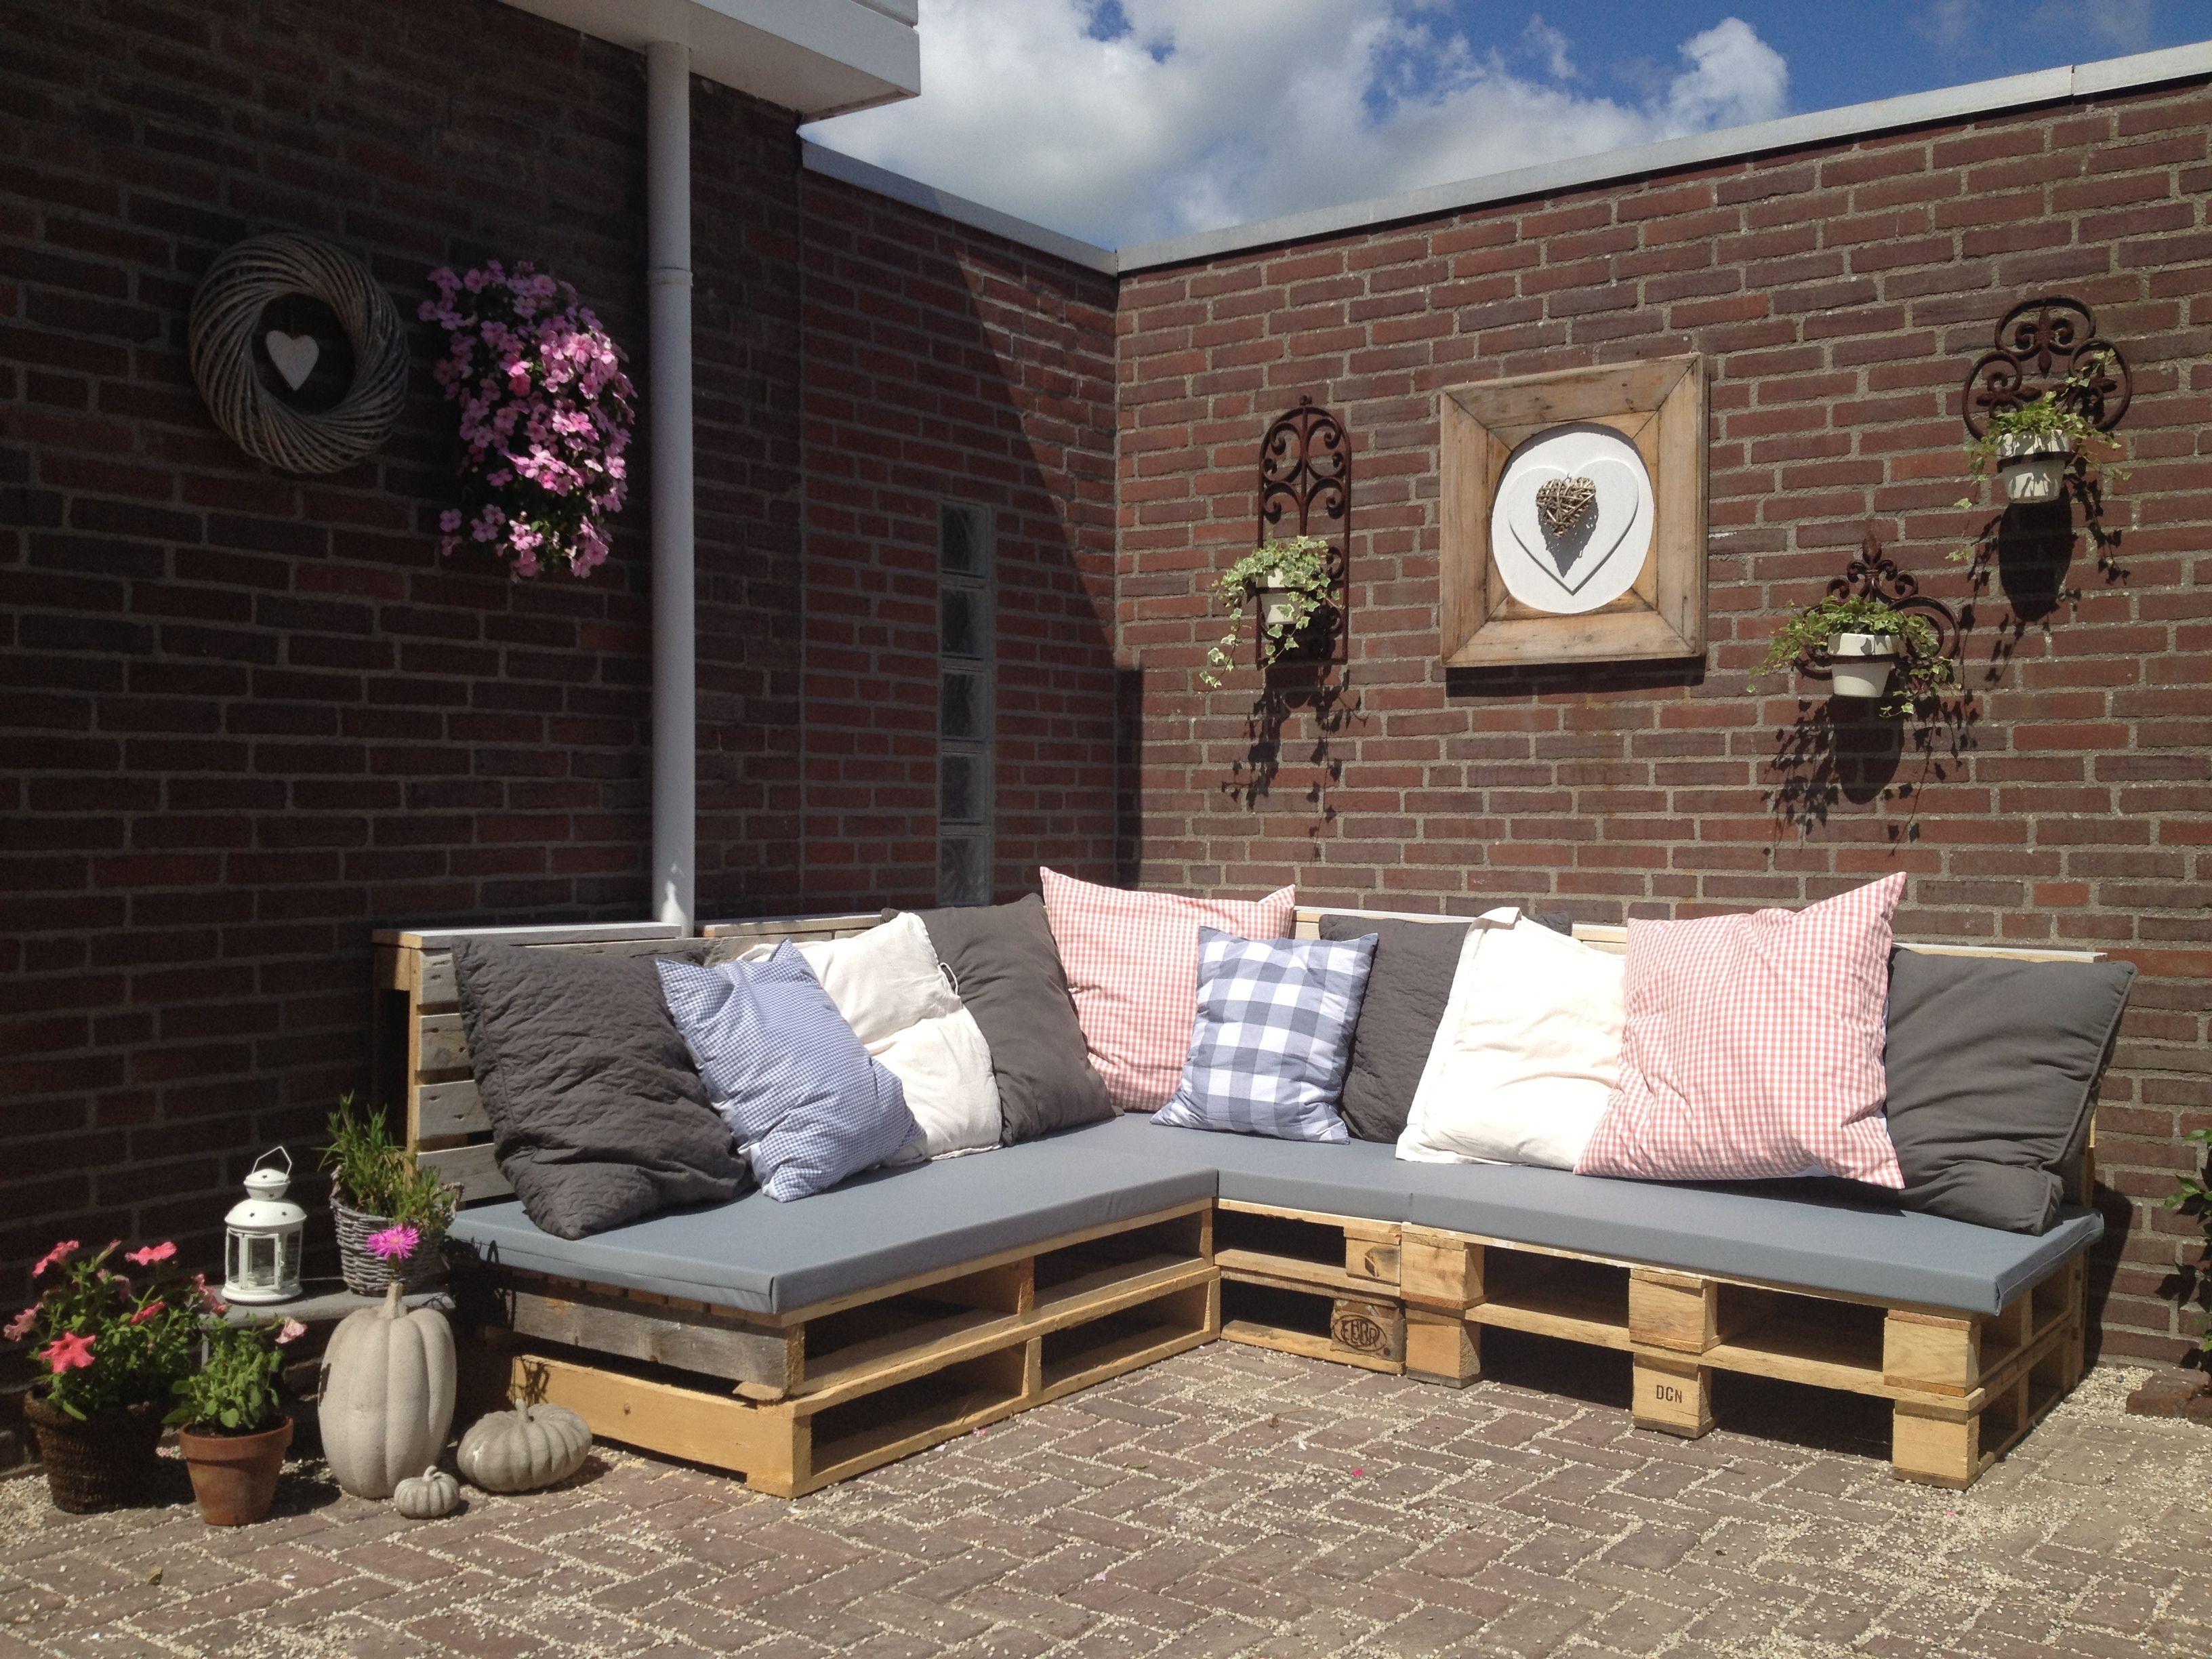 Goedkope Lounge Kussens : Balkon bank goedkoop authentiek van lounge kussens zelf maken foto